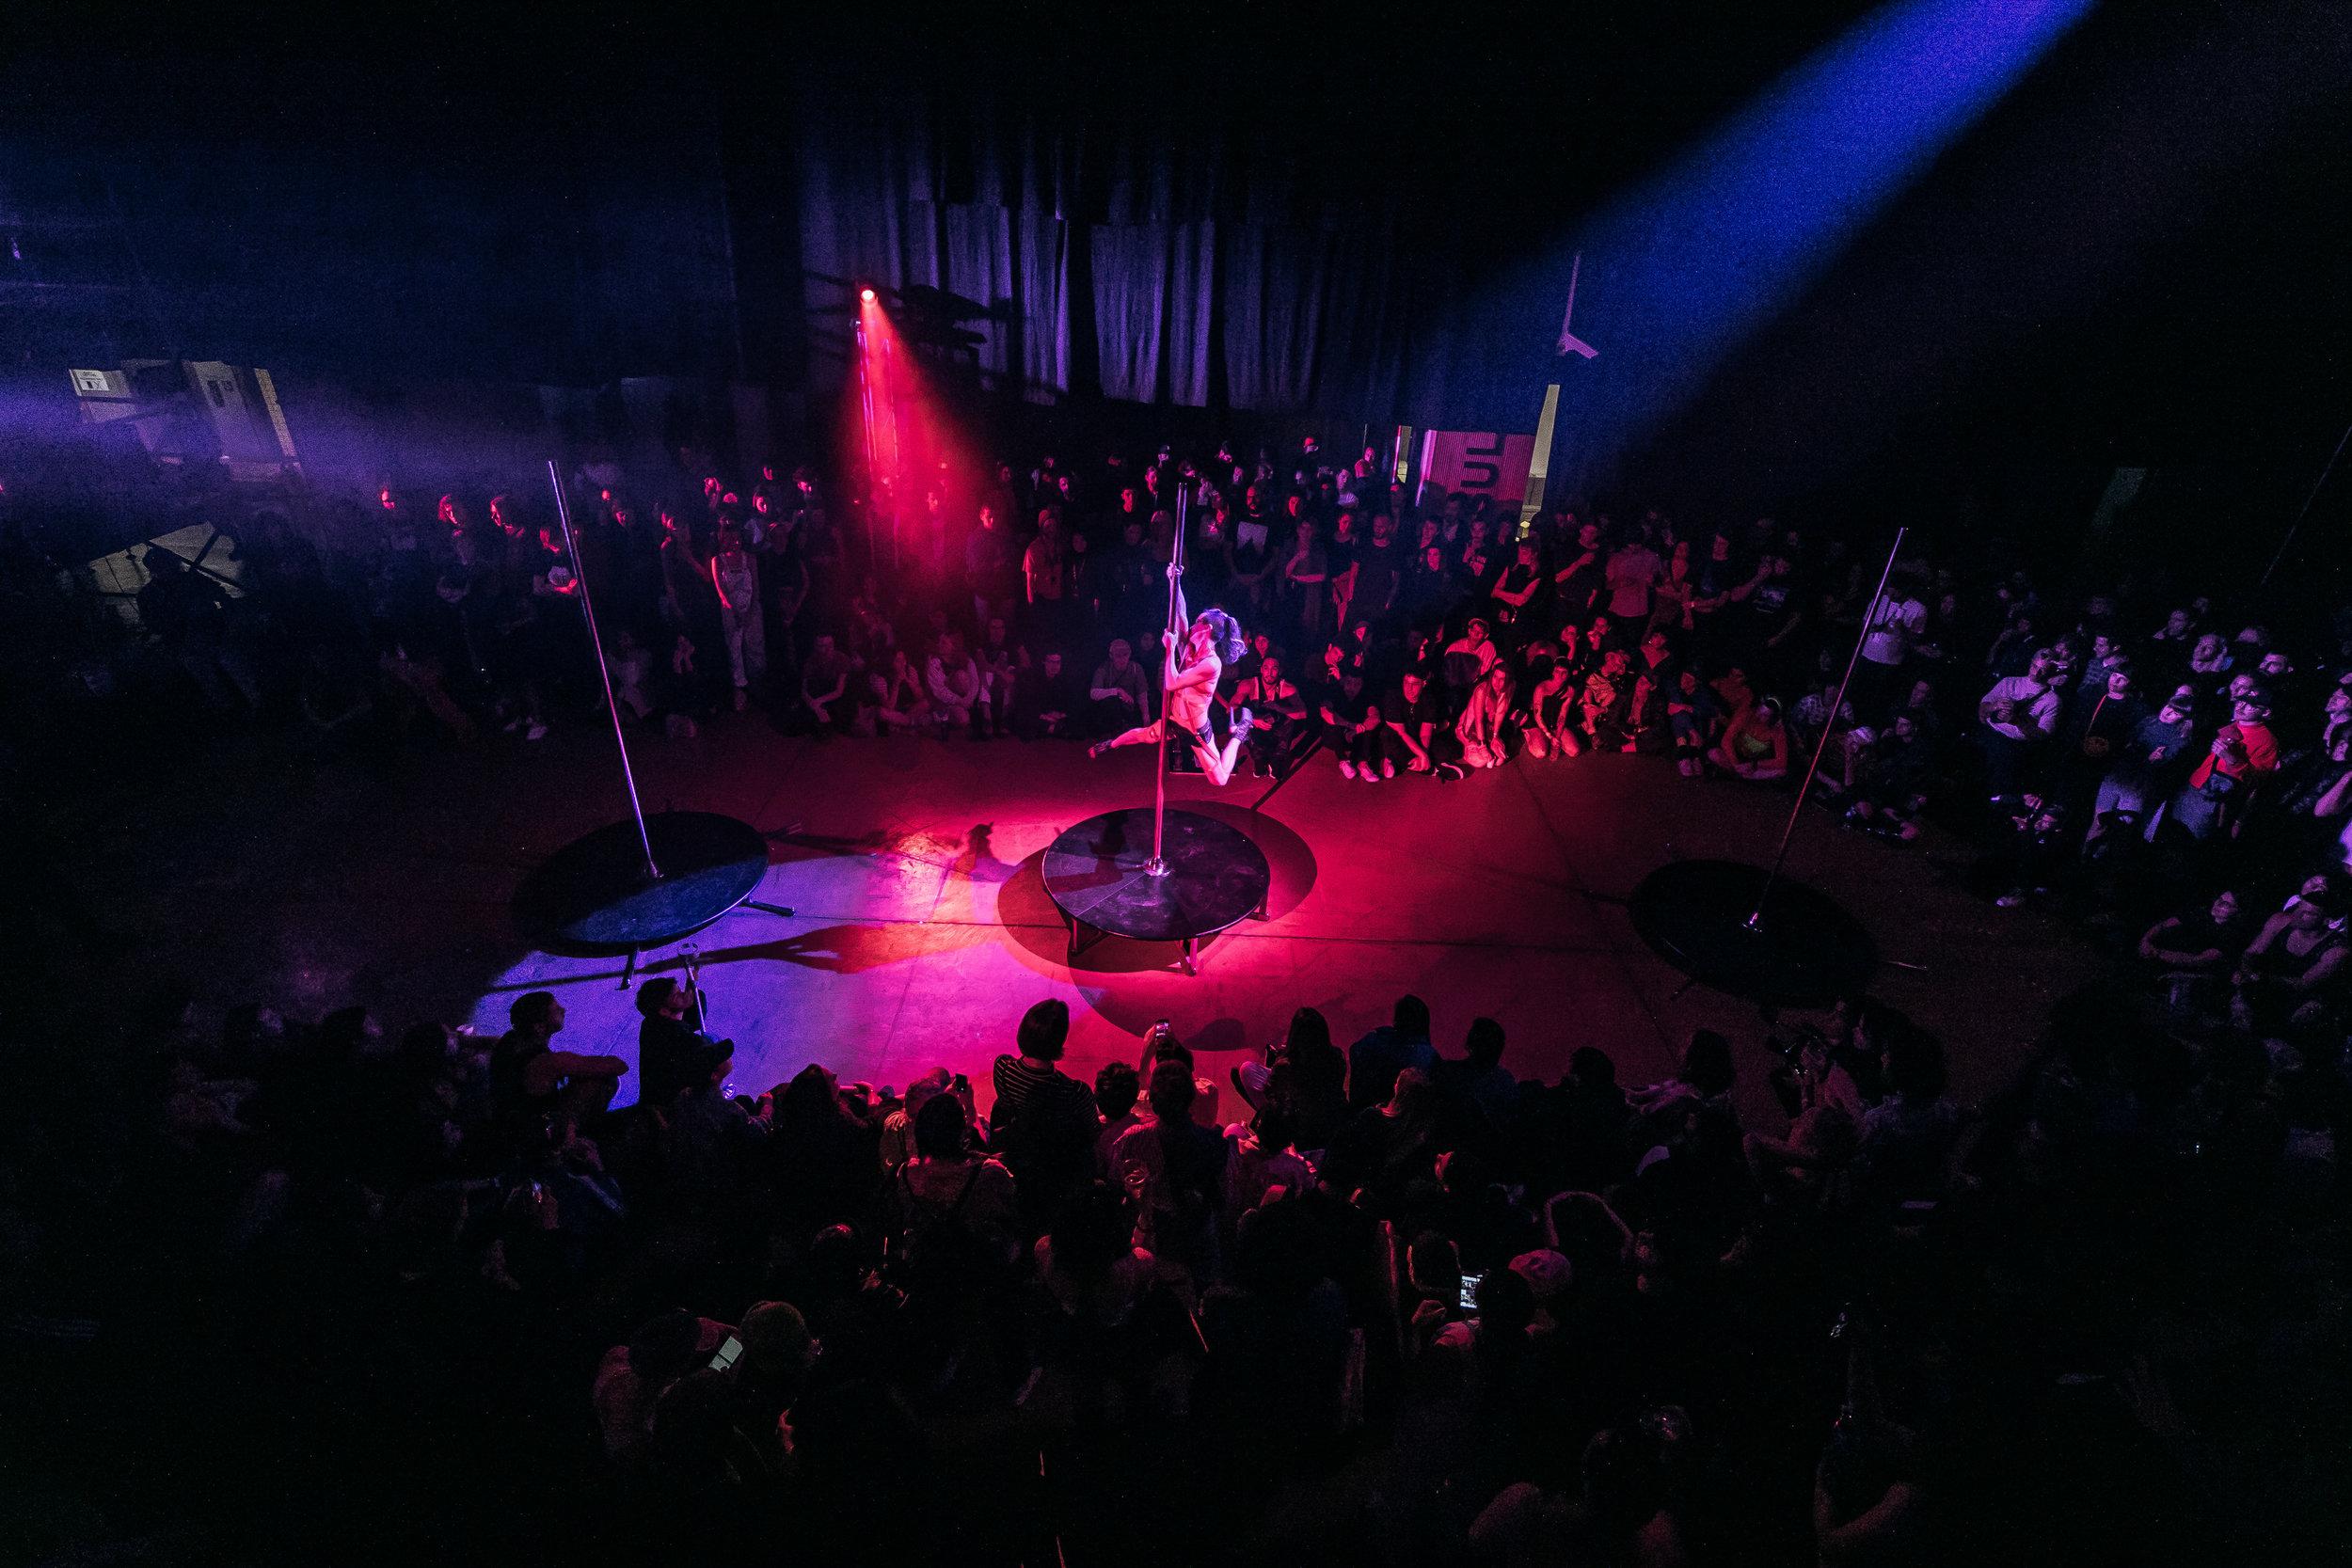 SOFT CENTRE FESTIVAL 2018-8-JORDAN MUNNS.jpg